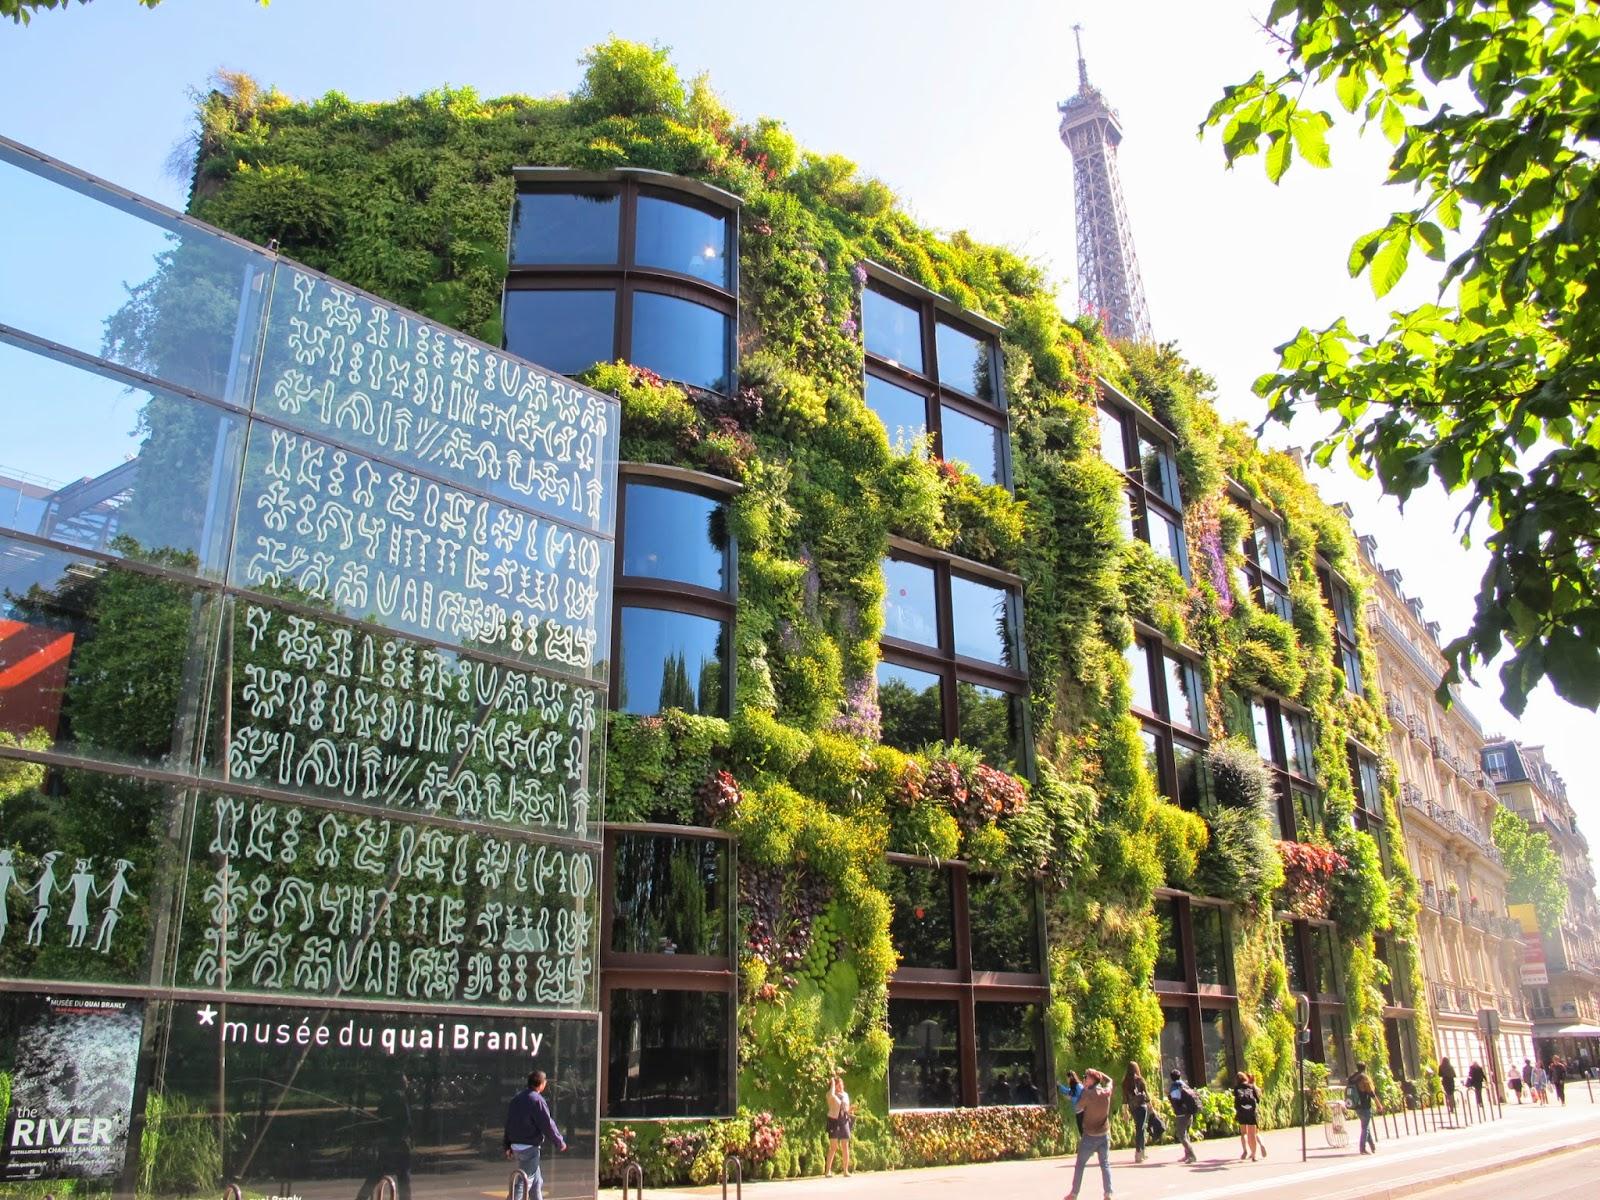 Plantes Pour Mur Végétal Extérieur plantes vivaces pour mur vegetal exterieur | garde corps en